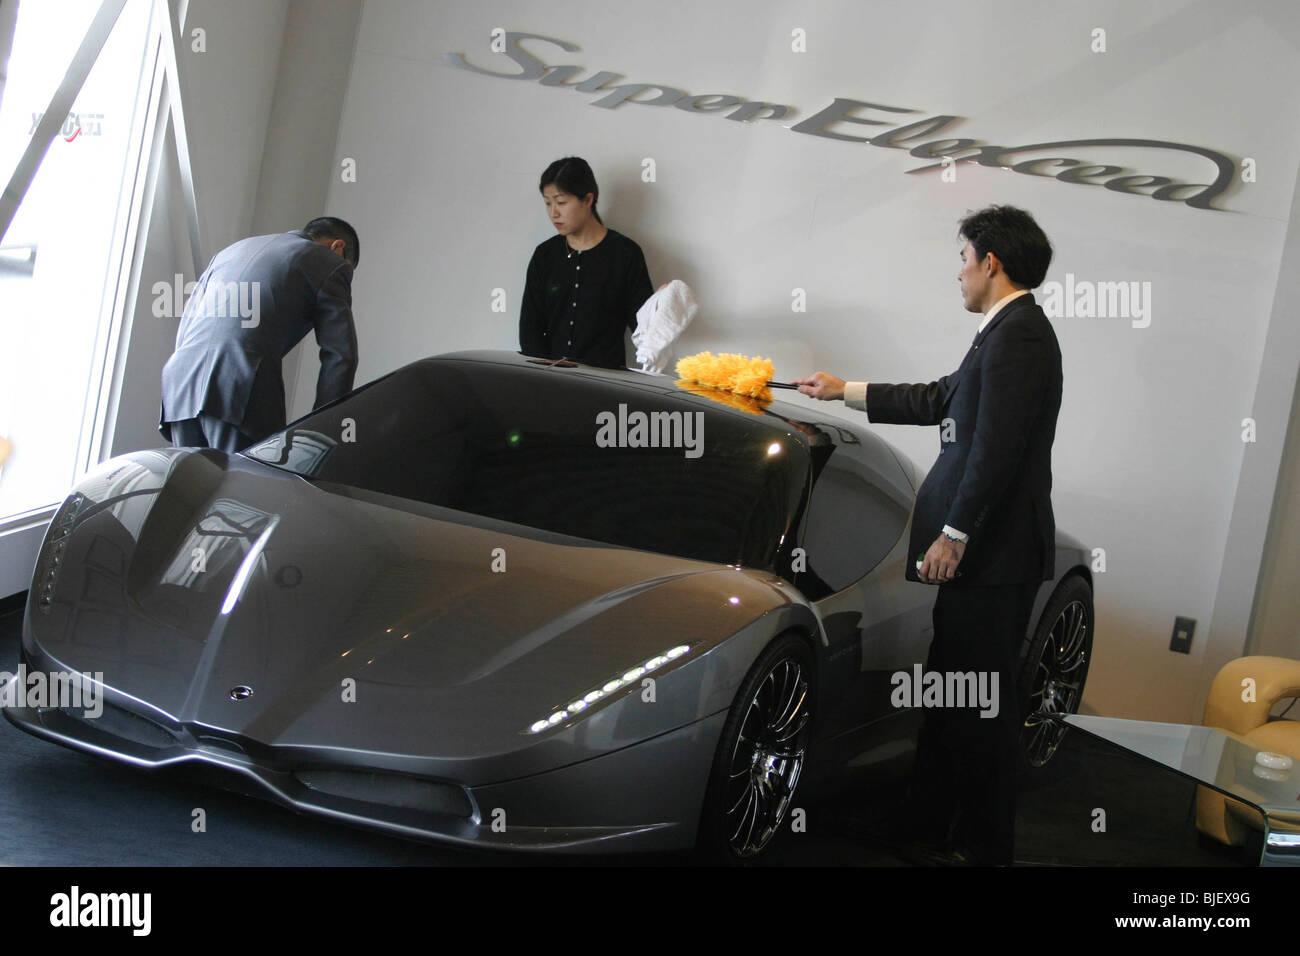 Concepto de vehículo Elexceed 'Super'. Imagen De Stock